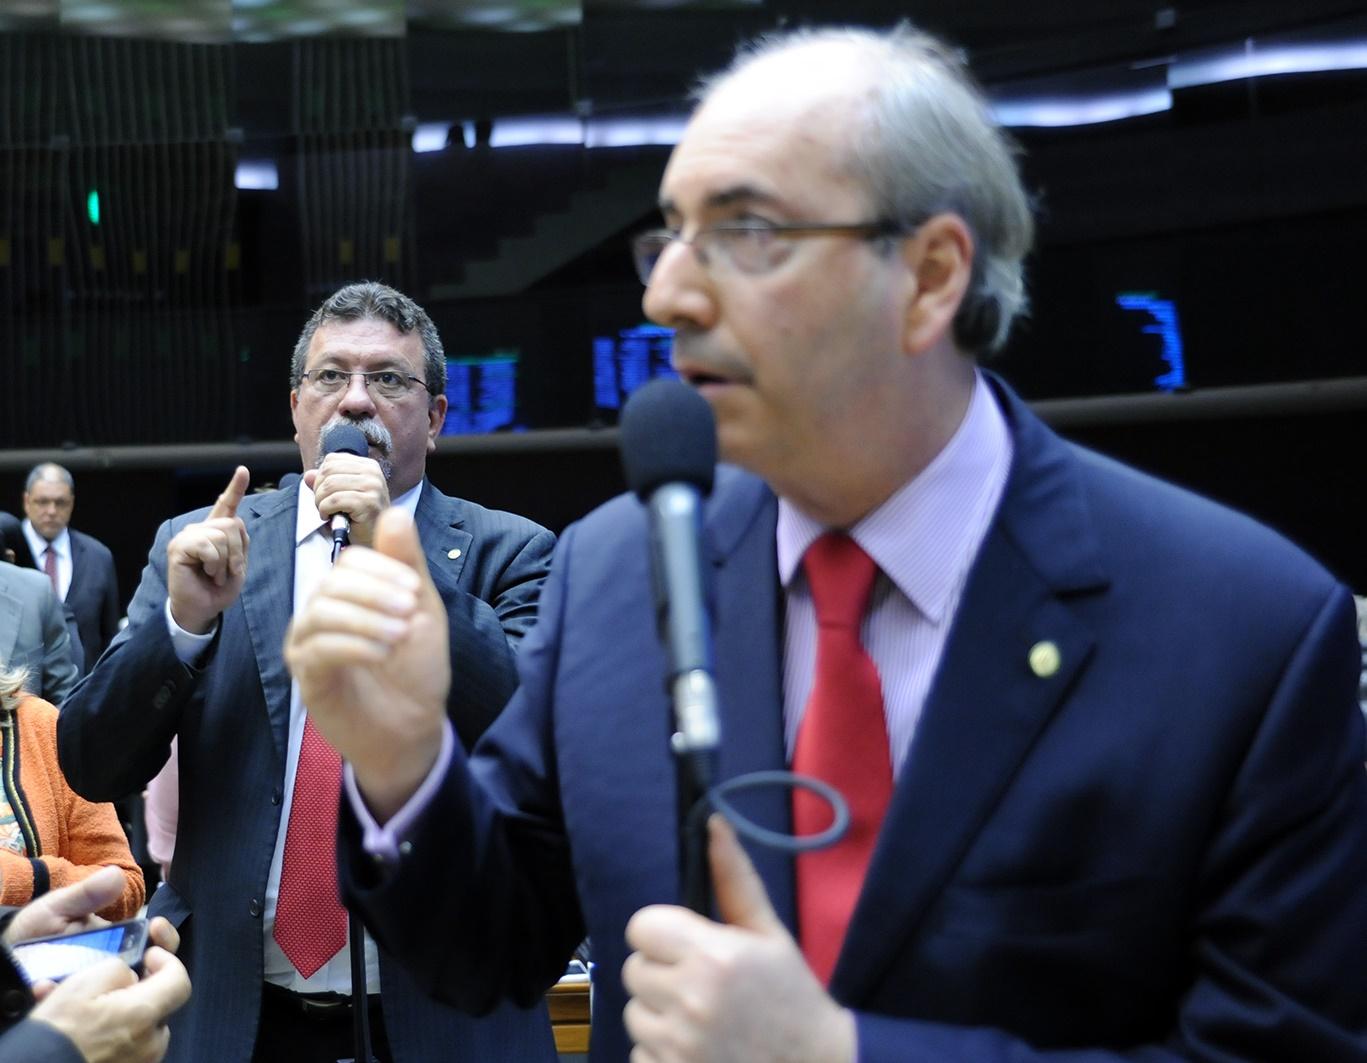 Foto: Lucio Bernardo Jr. Câmara dos Deputados